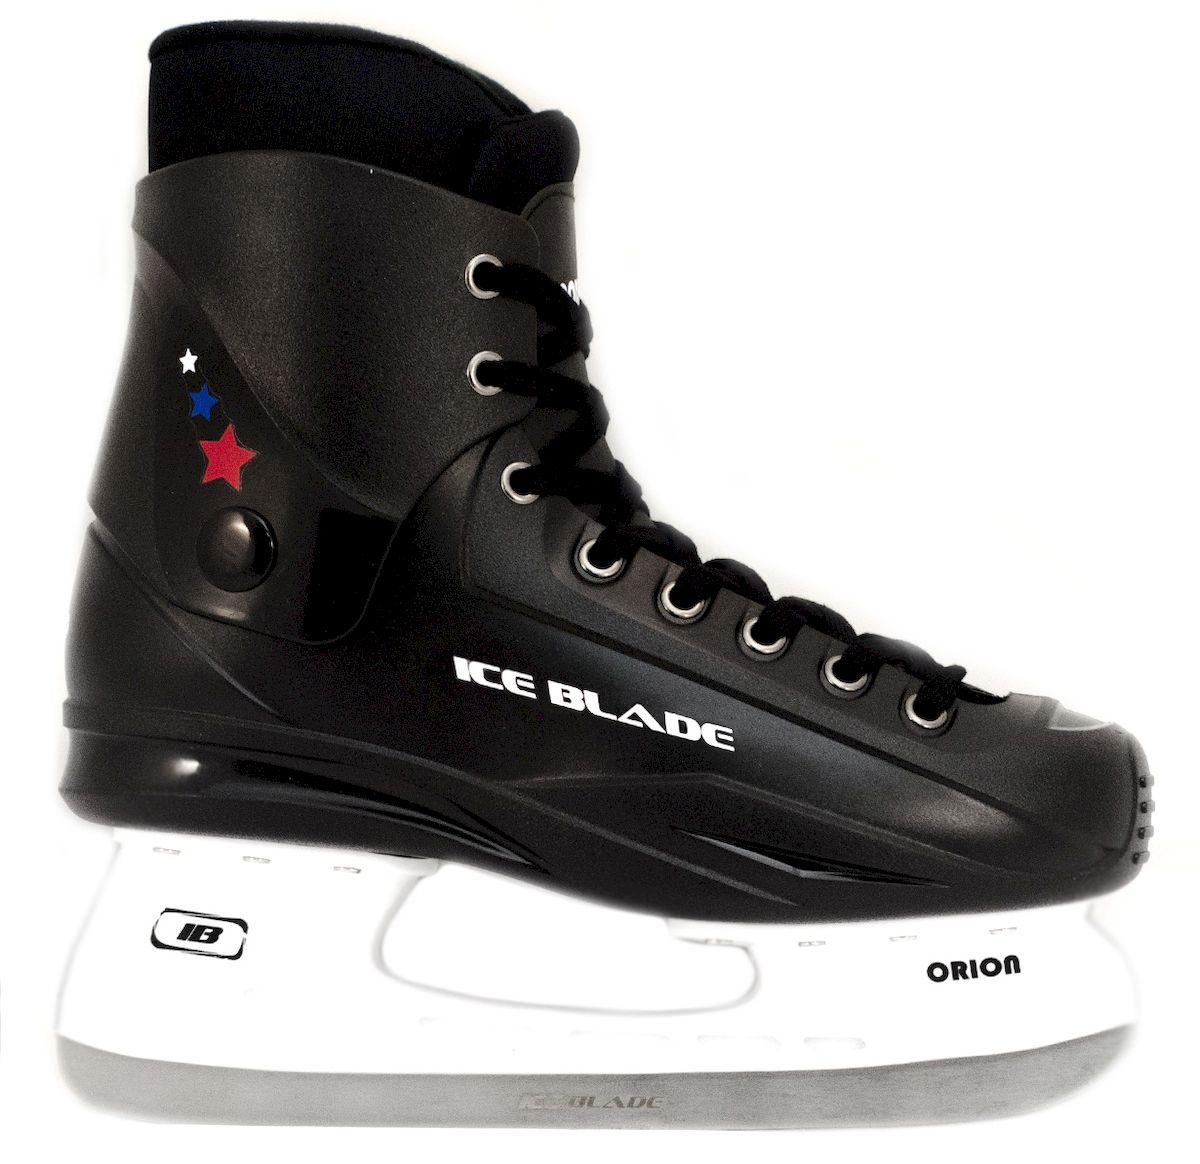 Коньки хоккейные Ice Blade Orion, цвет: черный. УТ-00004984. Размер 40УТ-00004984Коньки хоккейные Orion - это хоккейные коньки для любых возрастов. Конструкция Ice Blade Orion прекрасно защищает стопу, очень комфортно для активного катания, а также позволяет играть в хоккей. Легкий пластиковый ботинок хоккейных коньков Ice Blade Orion очень комфортный как для простого катания на льду, так и для любительского хоккея. Внутренний сапожок утеплен мягким и дышащим материалом, а язычок усилен специальной вставкой для большей безопасности Вашей стопы. Модель Ice Blade Orion также прекрасно подойдет и для коммерческого использования. Данную модель часто покупают для использования в прокате. Материал: Выполнены из высококачественного морозостойкого пластика и нейлоновой сетки. Внутренняя часть отделана мягким вельветом. Материал лезвия - высокоуглеродистая сталь. Основные характеристики: Назначение: хоккейные коньки Тип фиксации: шнурки Дополнительные характеристики: Материал ботинка: высококачественный морозостойкий пластик и нейлоновая сетка...